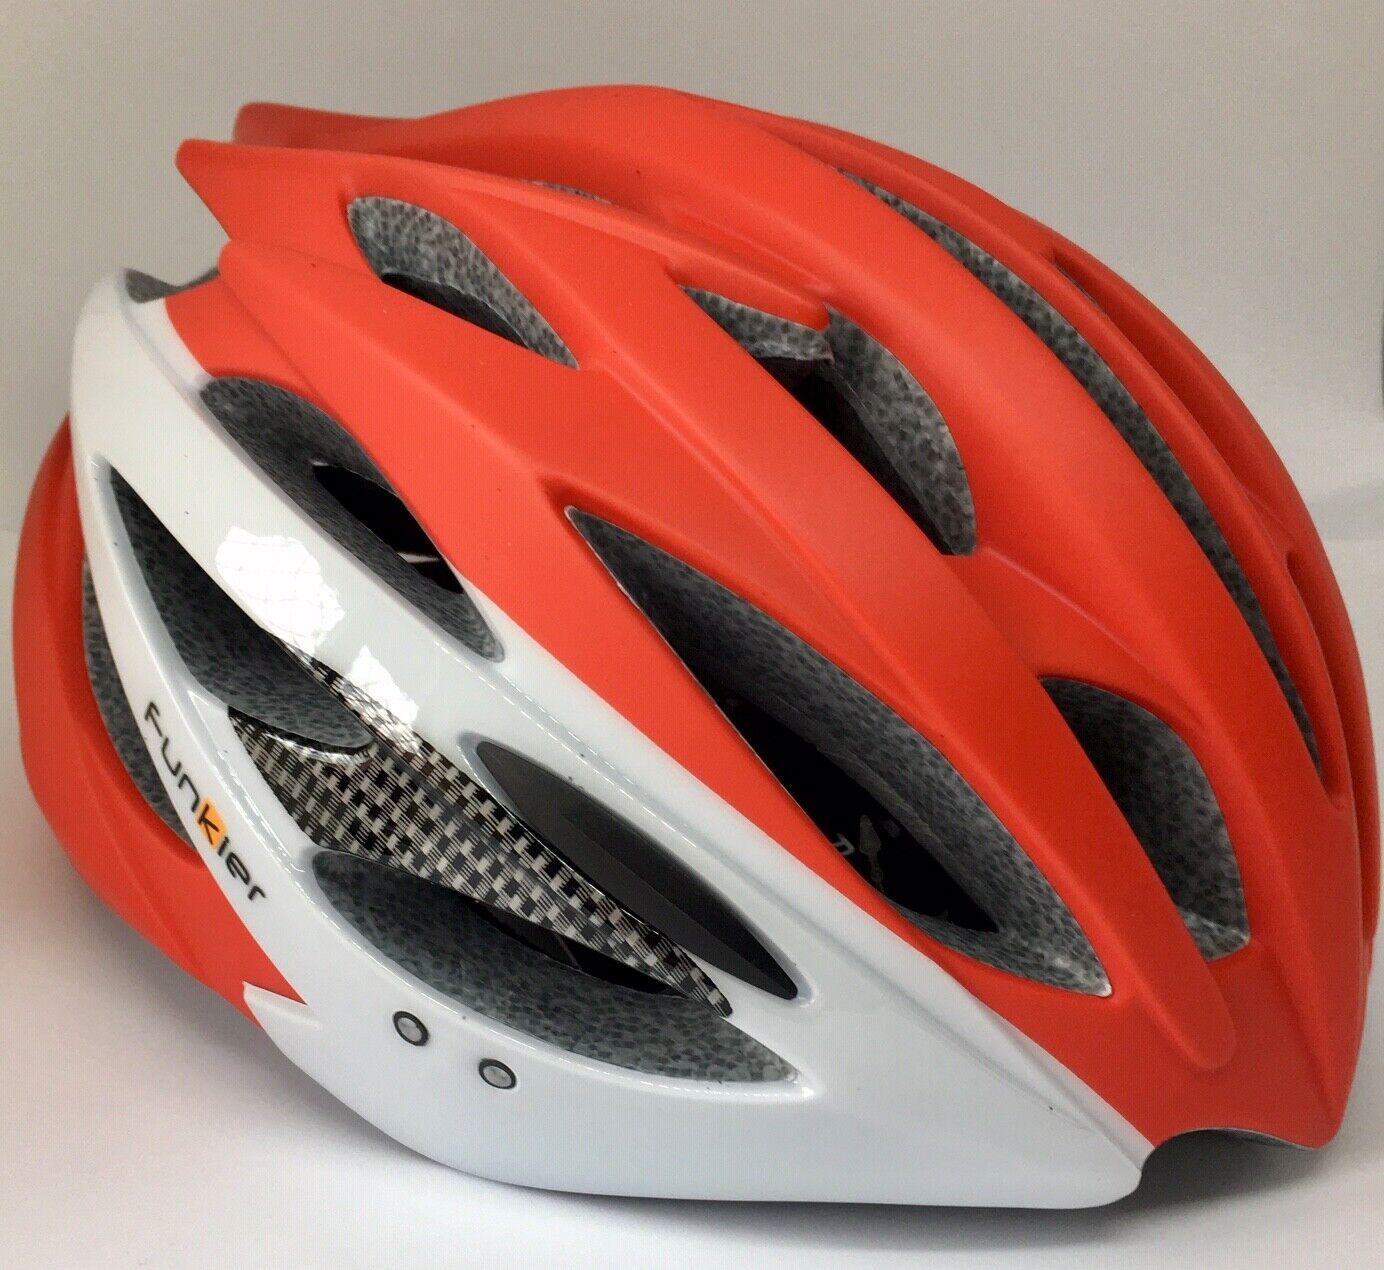 Funkier Alioth MTB XC Elite casco de bicicleta de montaña   blancoo Rojo   Grande 58-61cm   Nuevo